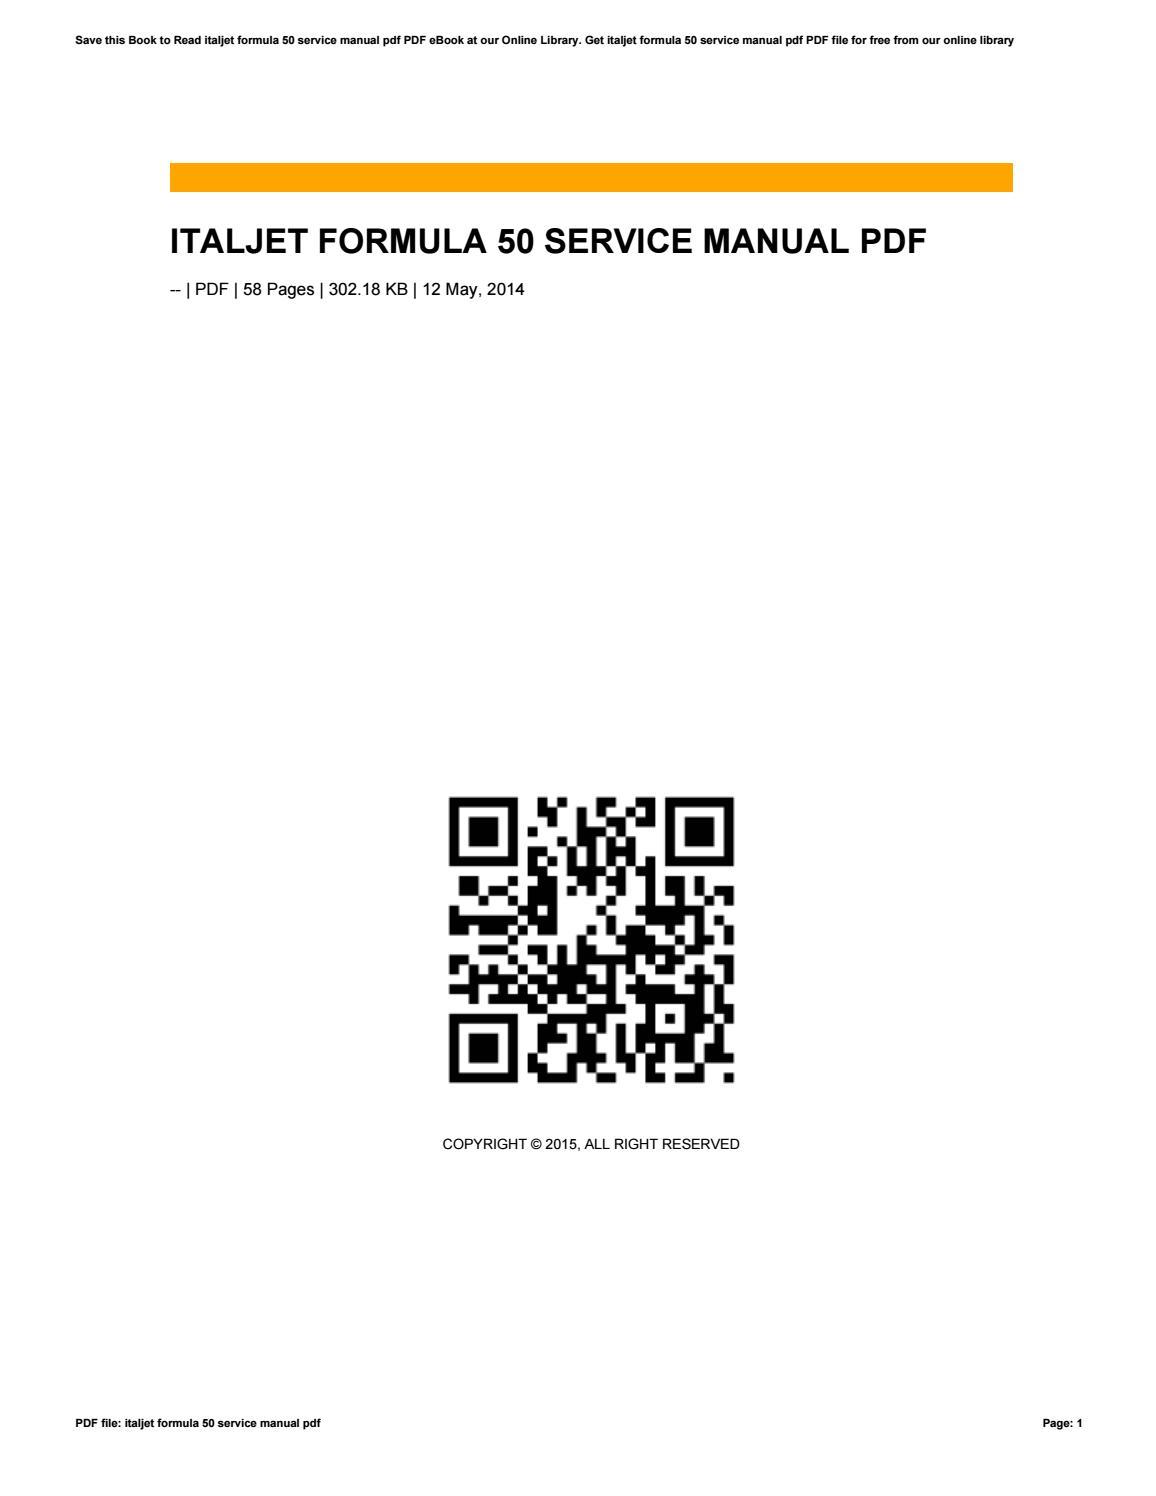 Italjet formula 50 service manual pdf by pejovideomaker1